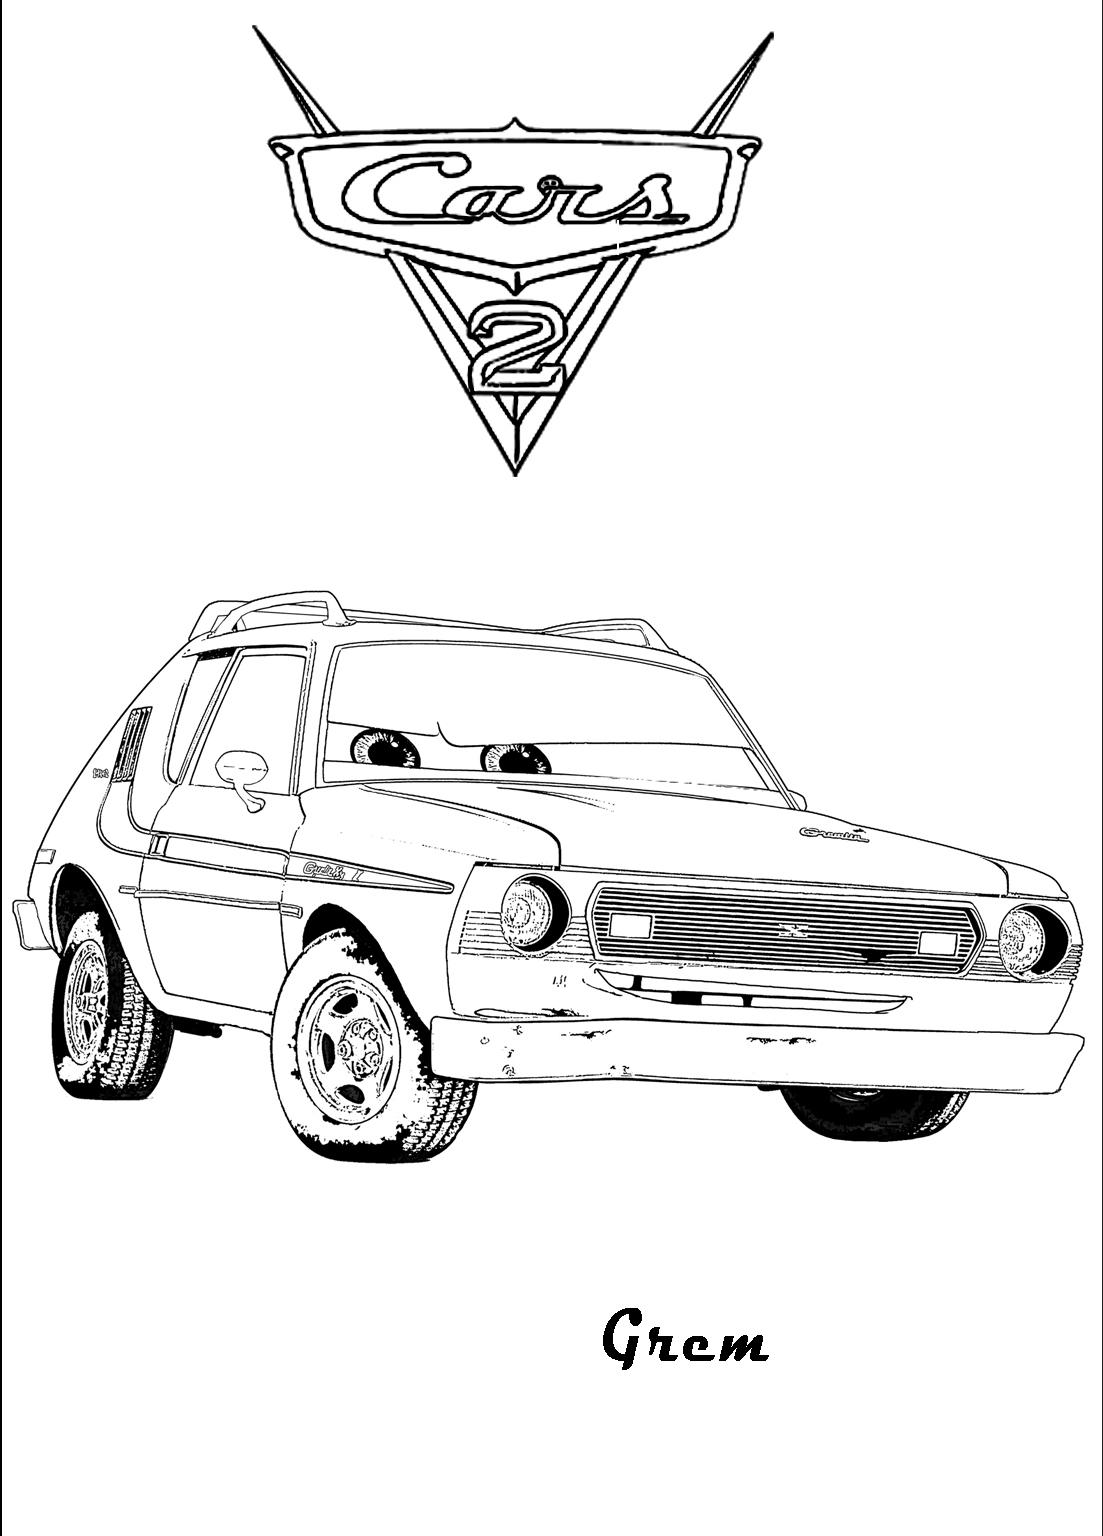 Plansa De Colorat Cu Grem Din Cars